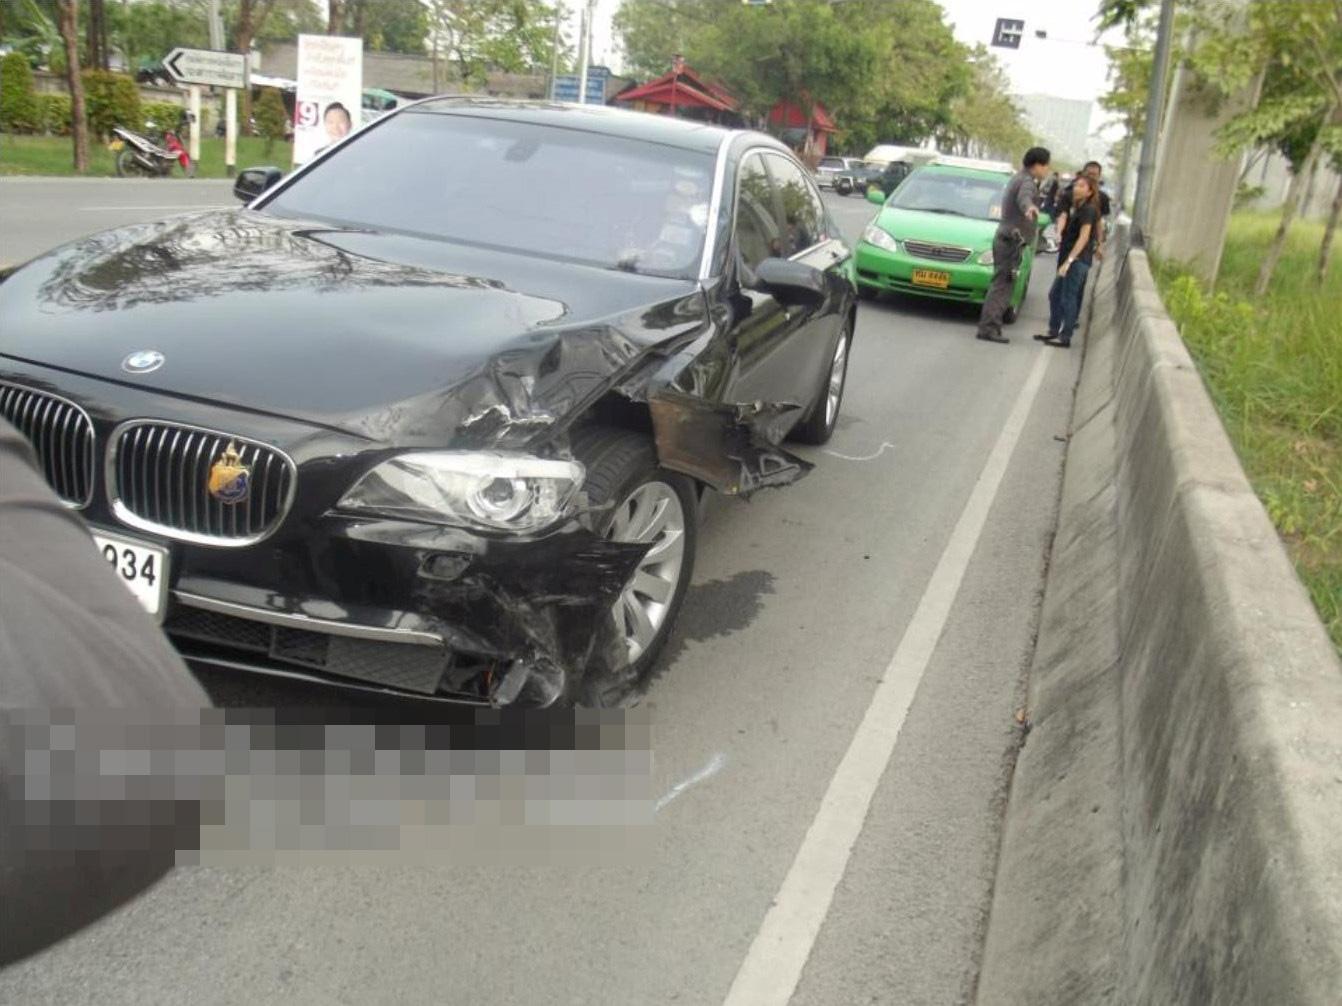 【悲報】あたし氏、BMW大破させて心身共に死亡・・・ ※グ●画像